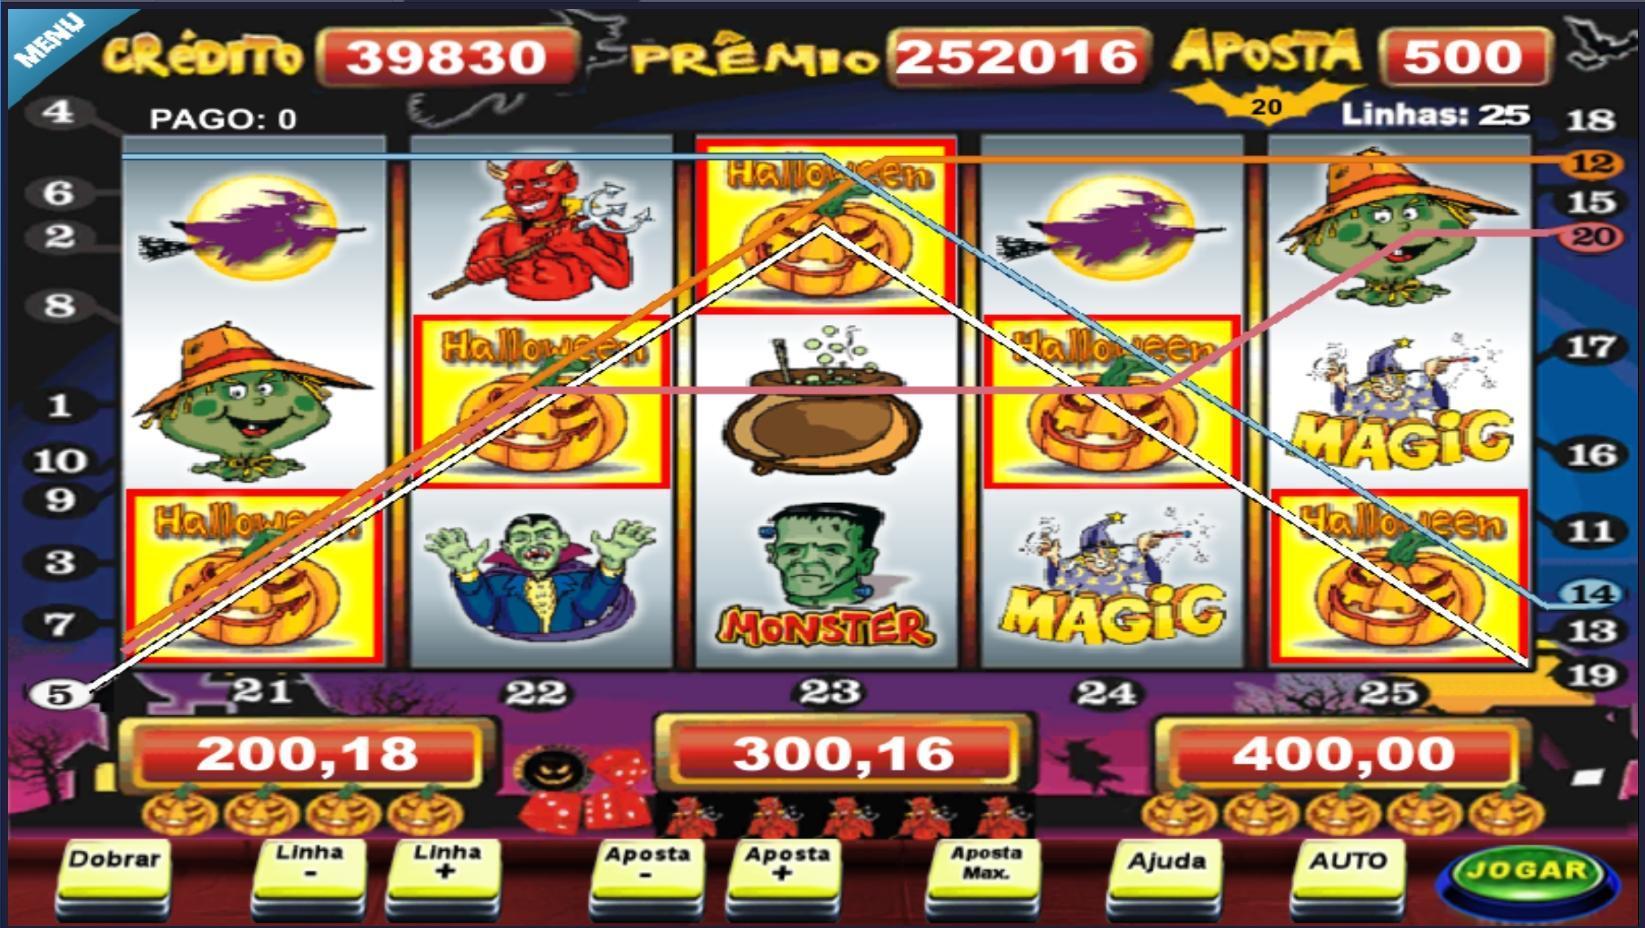 Hotline caça níquel casinos 305490